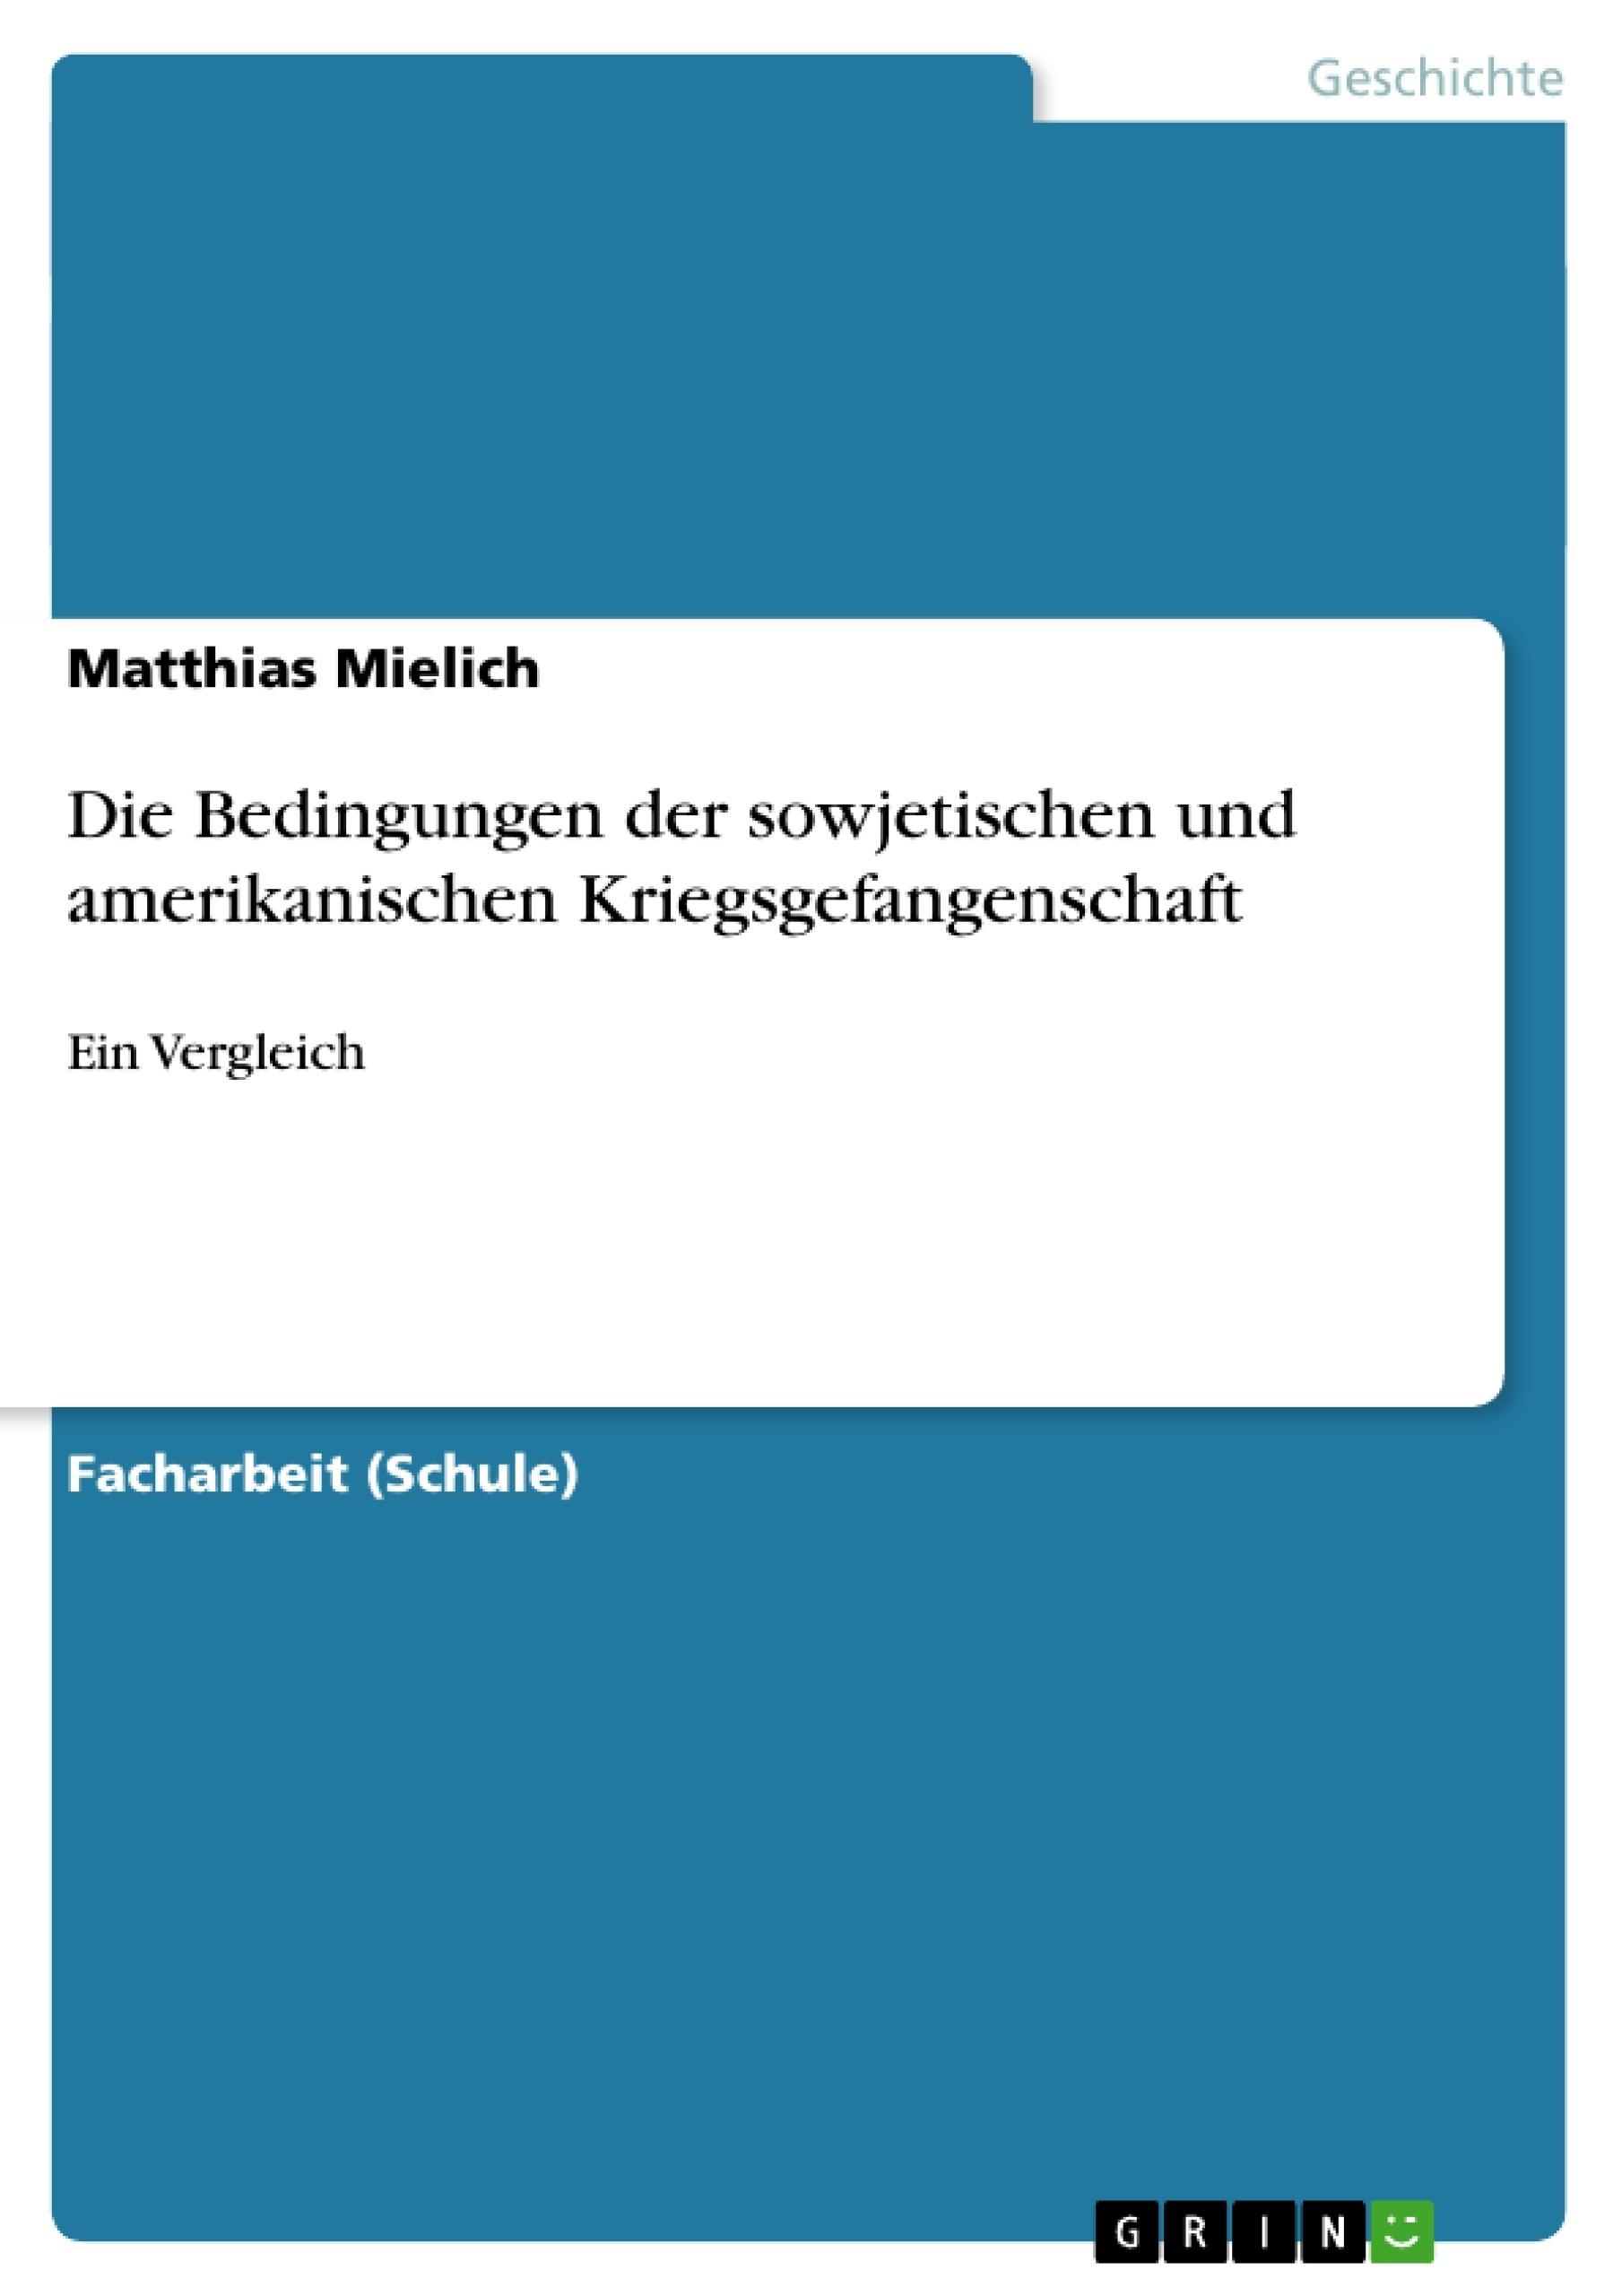 Titel: Die Bedingungen der sowjetischen und amerikanischen Kriegsgefangenschaft